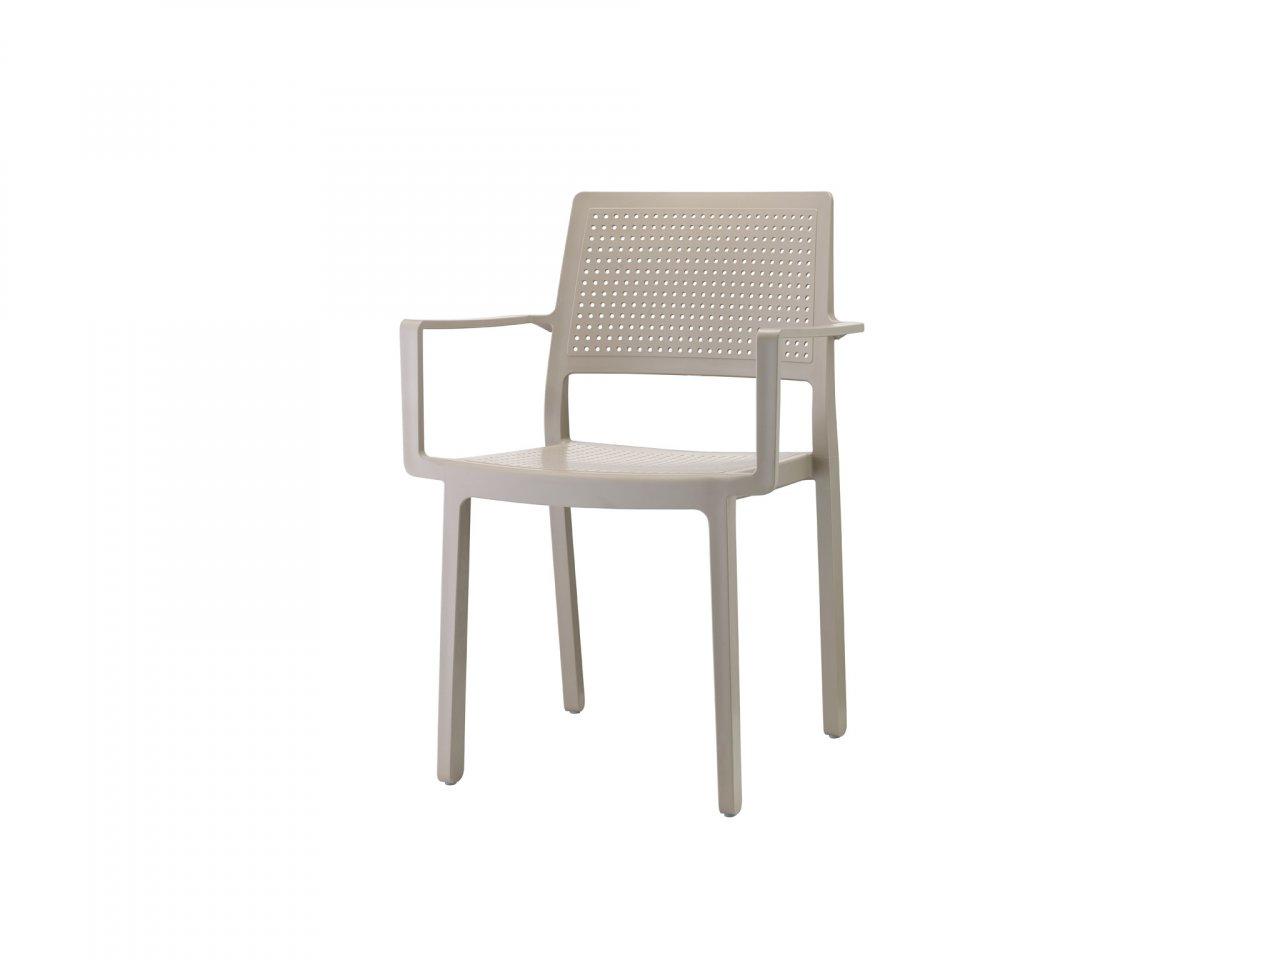 Sedia Con Braccioli Emi - v5